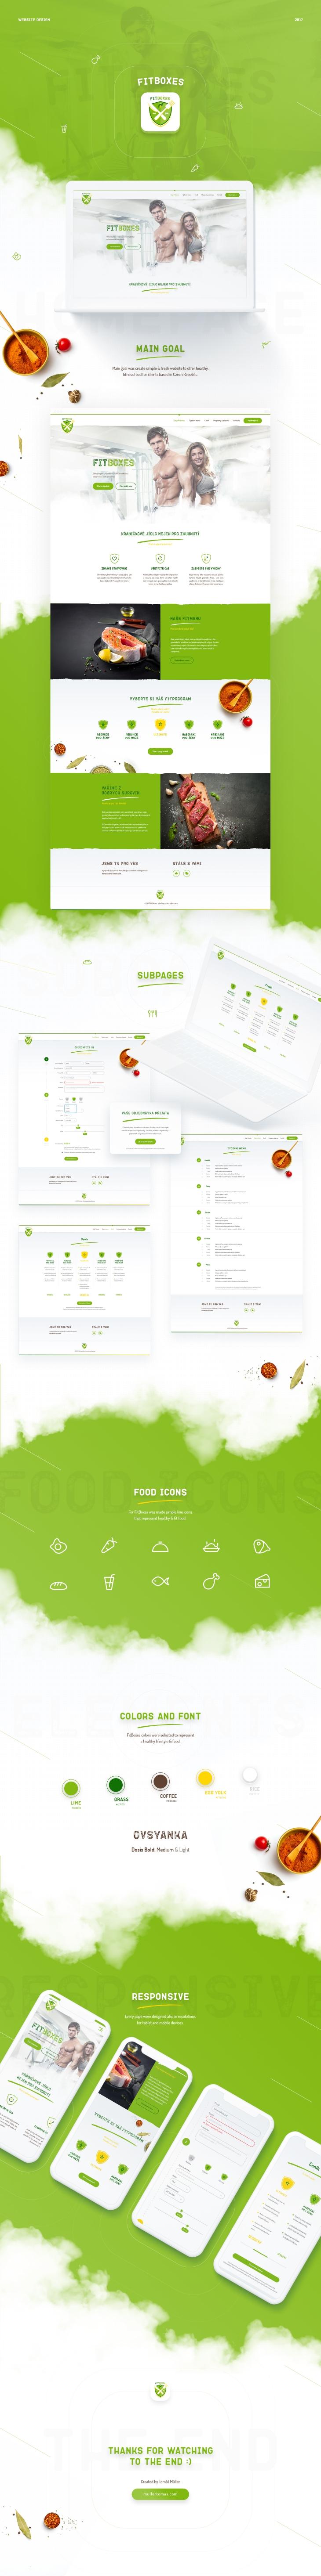 Projekt: FitBoxes webdesign